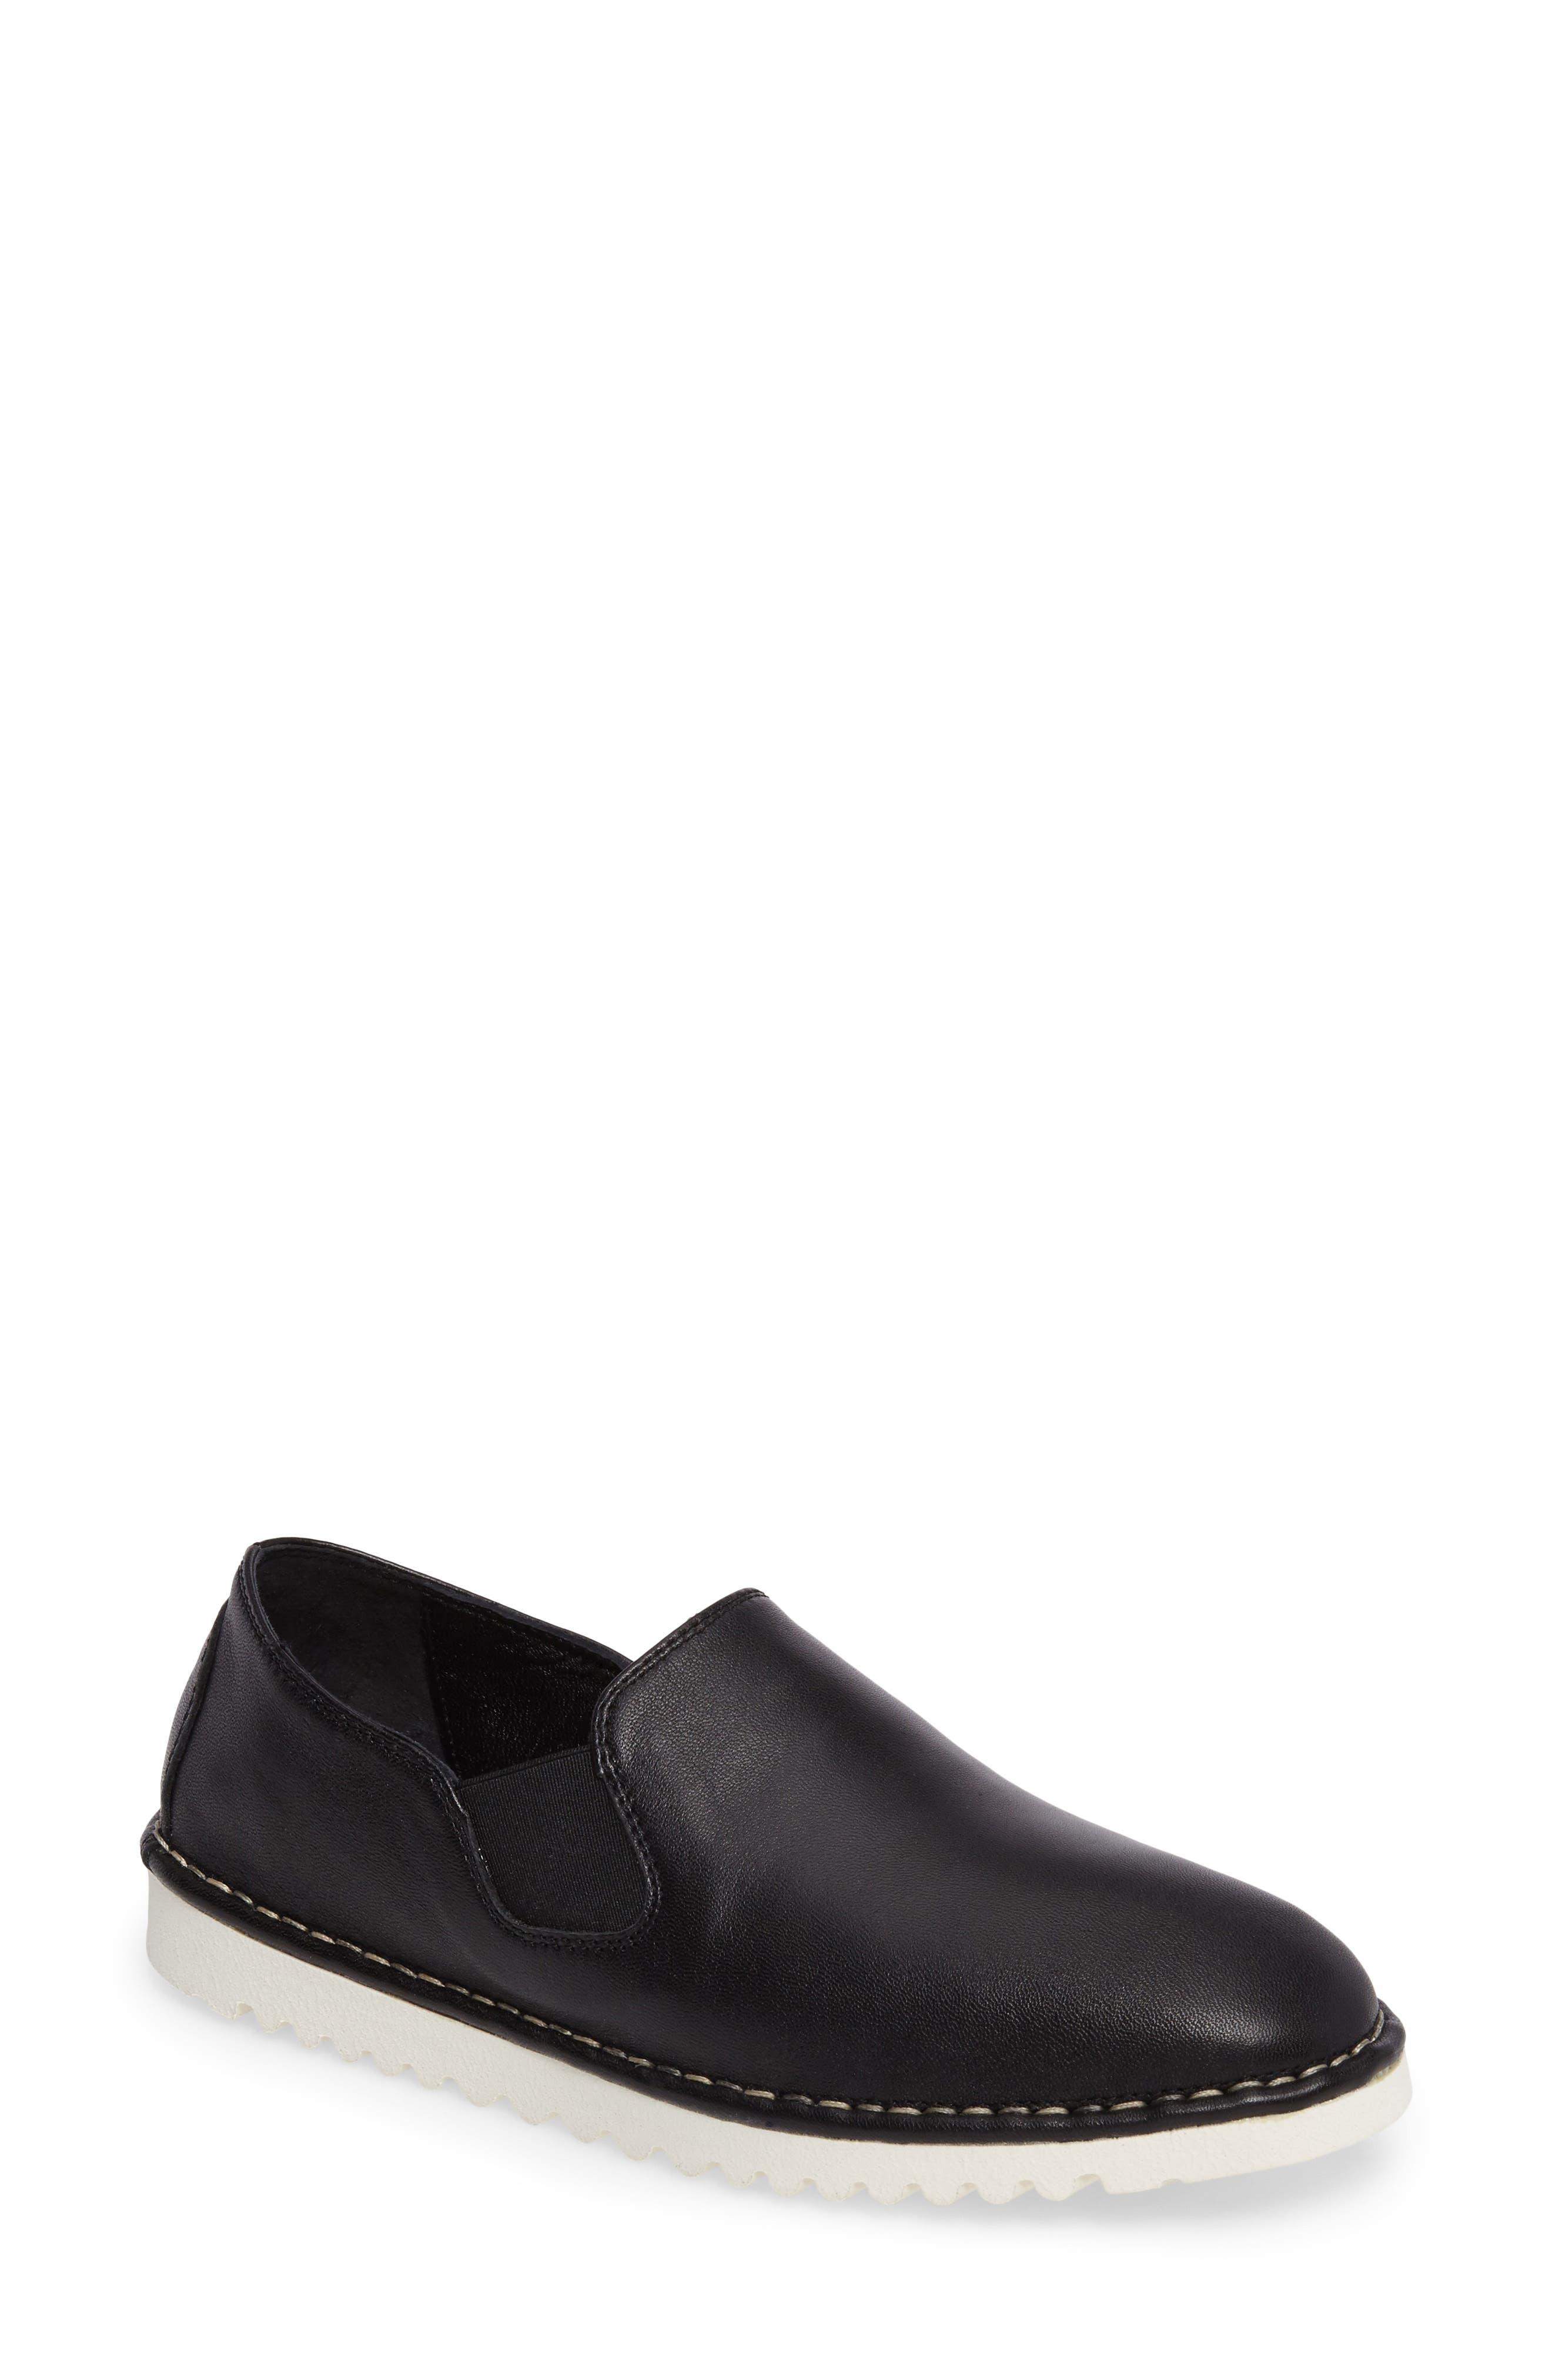 SESTO MEUCCI Oralie Slip-On Sneaker in Black Leather